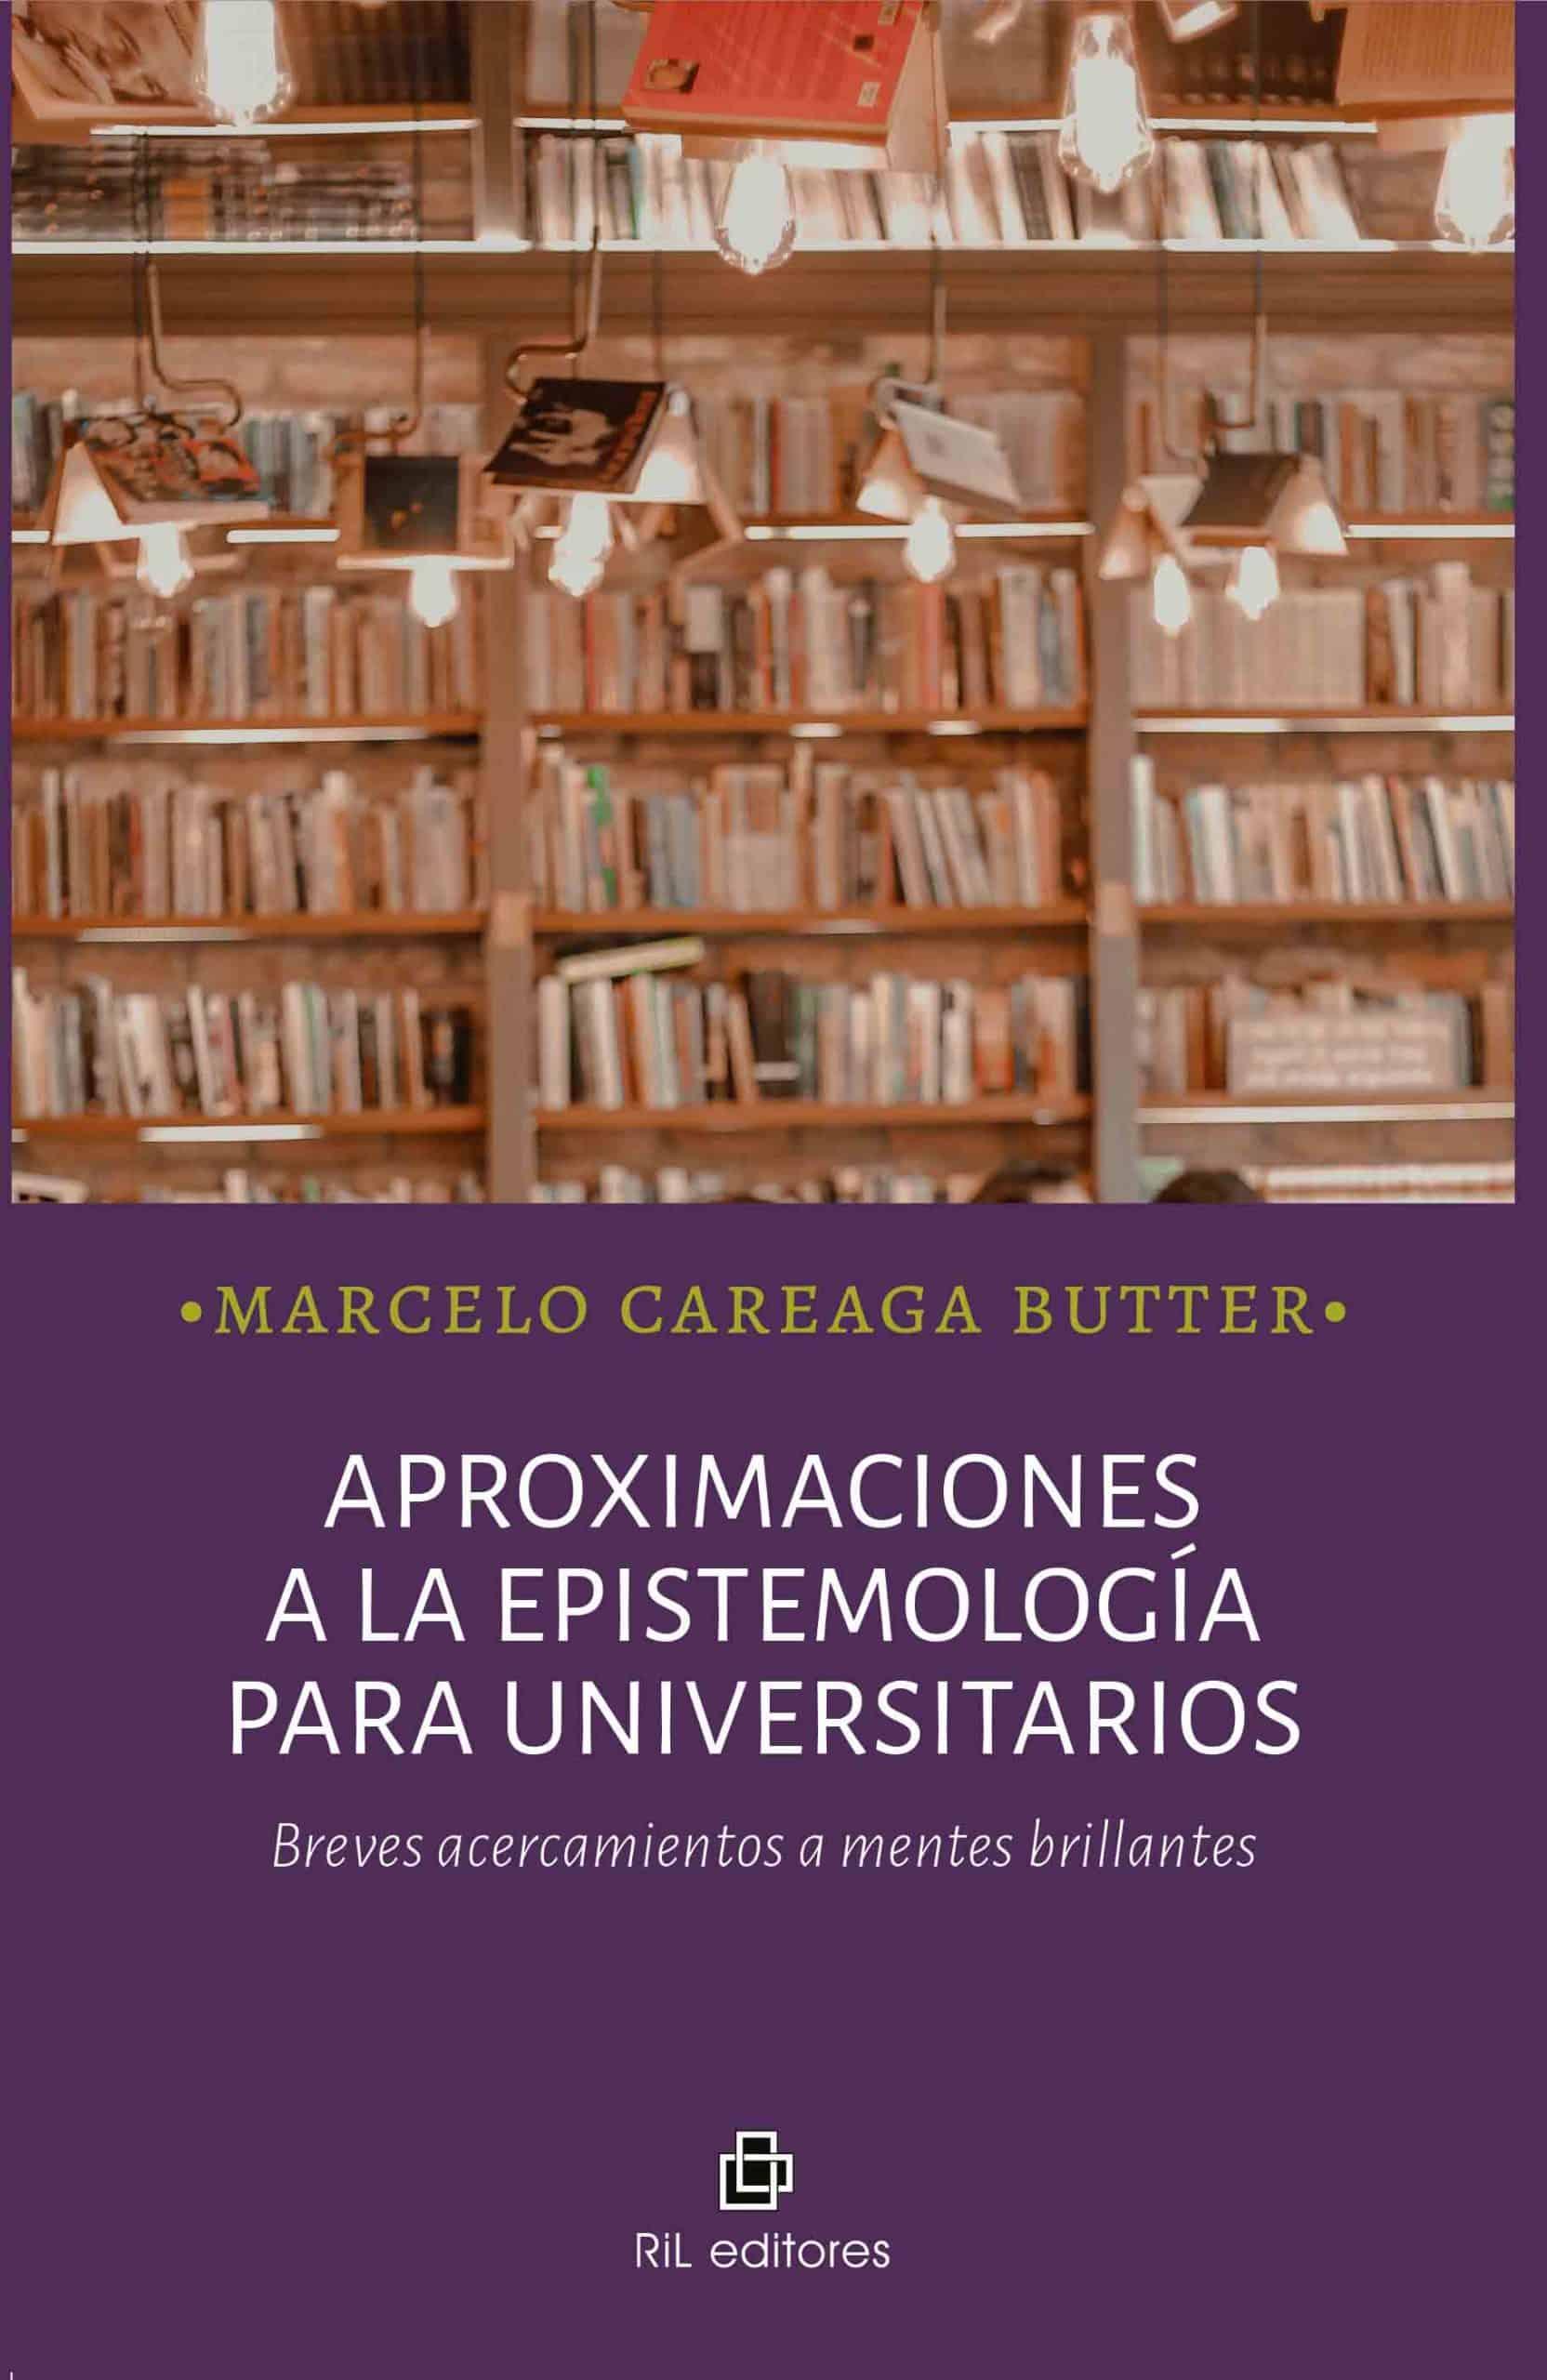 Aproximaciones a la epistemología para universitarios. Breves acercamientos a mentes brillantes 1